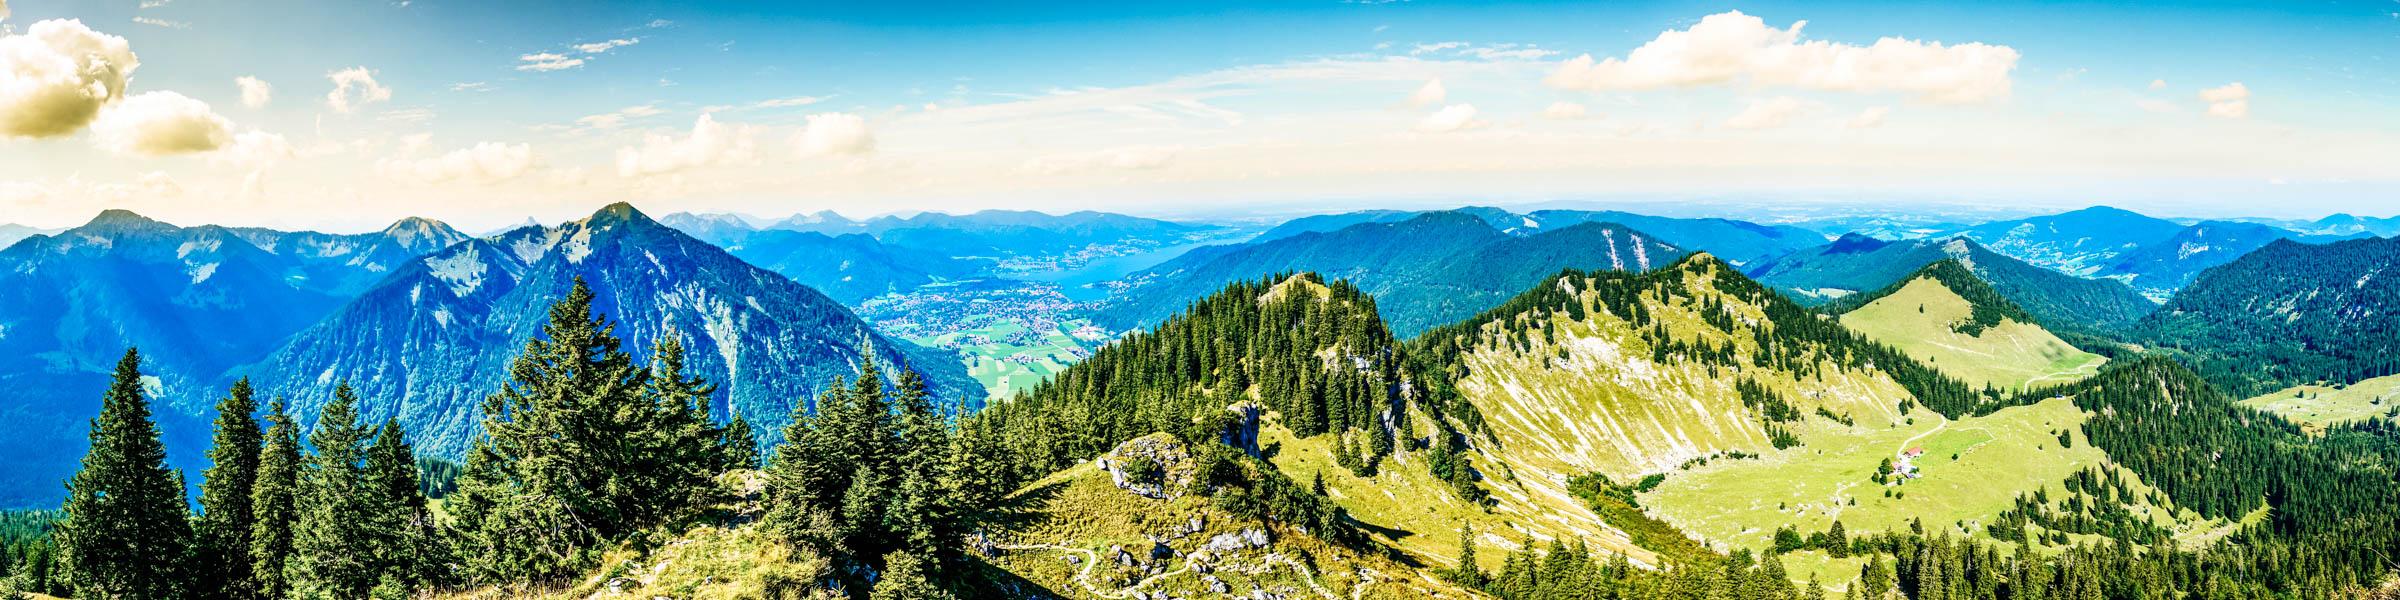 Blick auf die Berge in Bayerns Urlaubsregionen